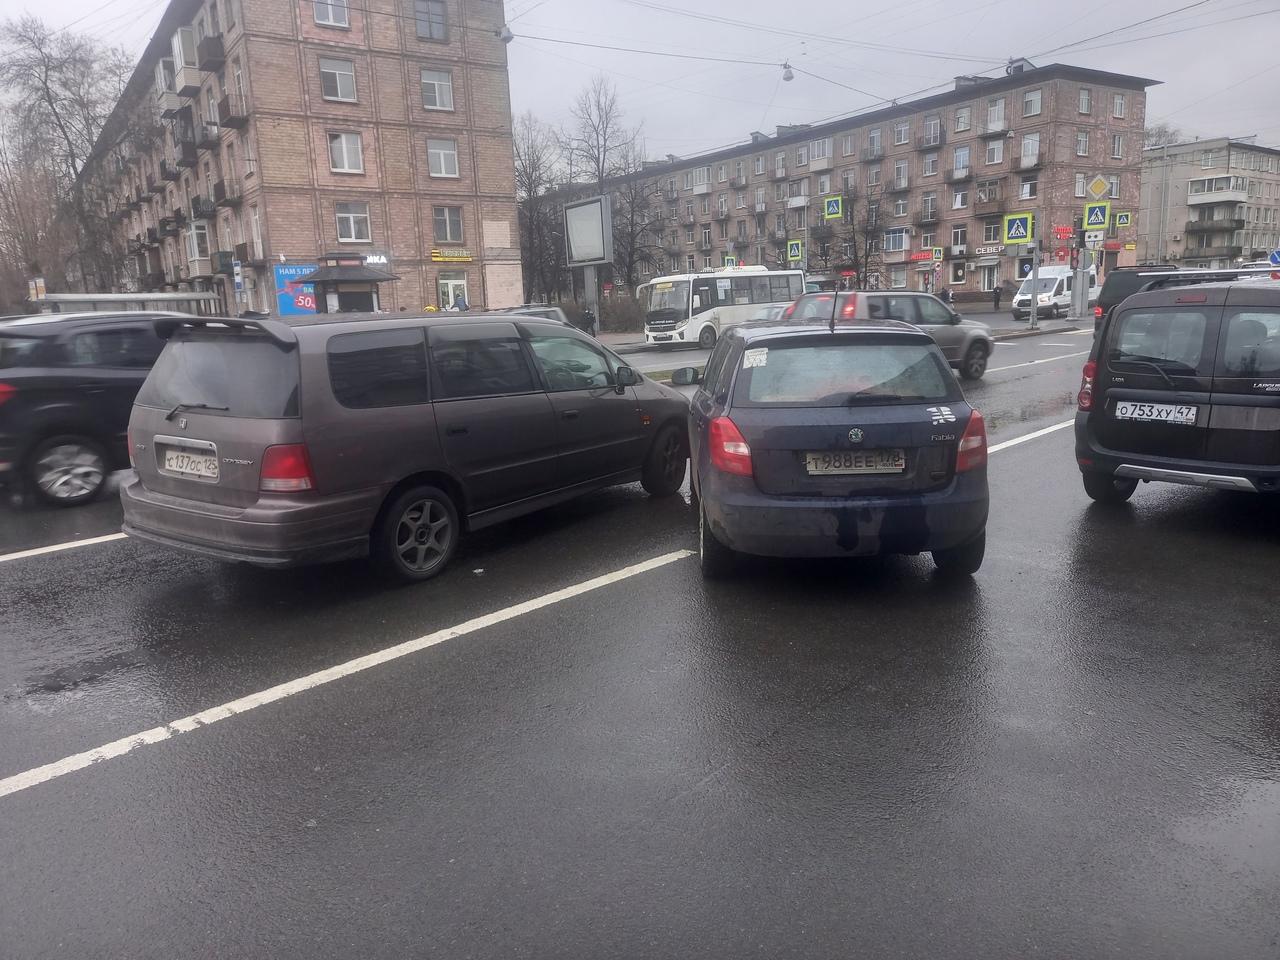 На улице Бабушкина, около Елизаровской Skoda Фабия выезжала из кармана, не пропустила Хонду Одиссей ...